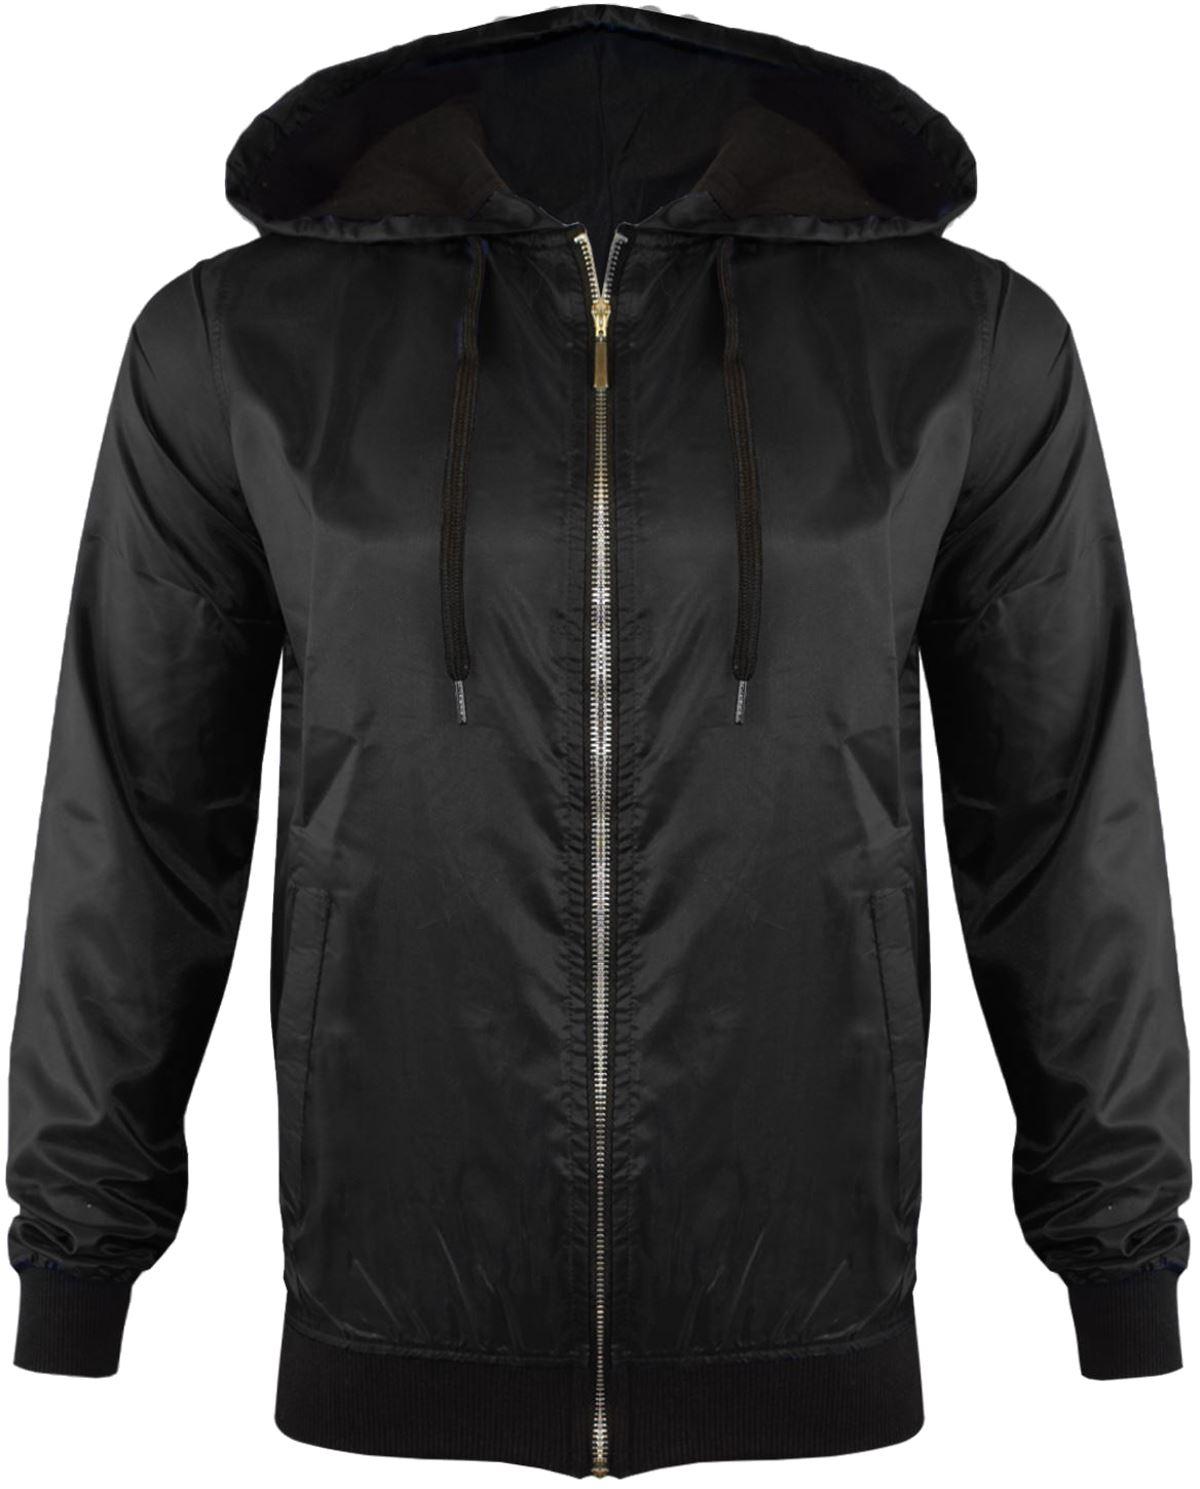 Best womens rain jacket